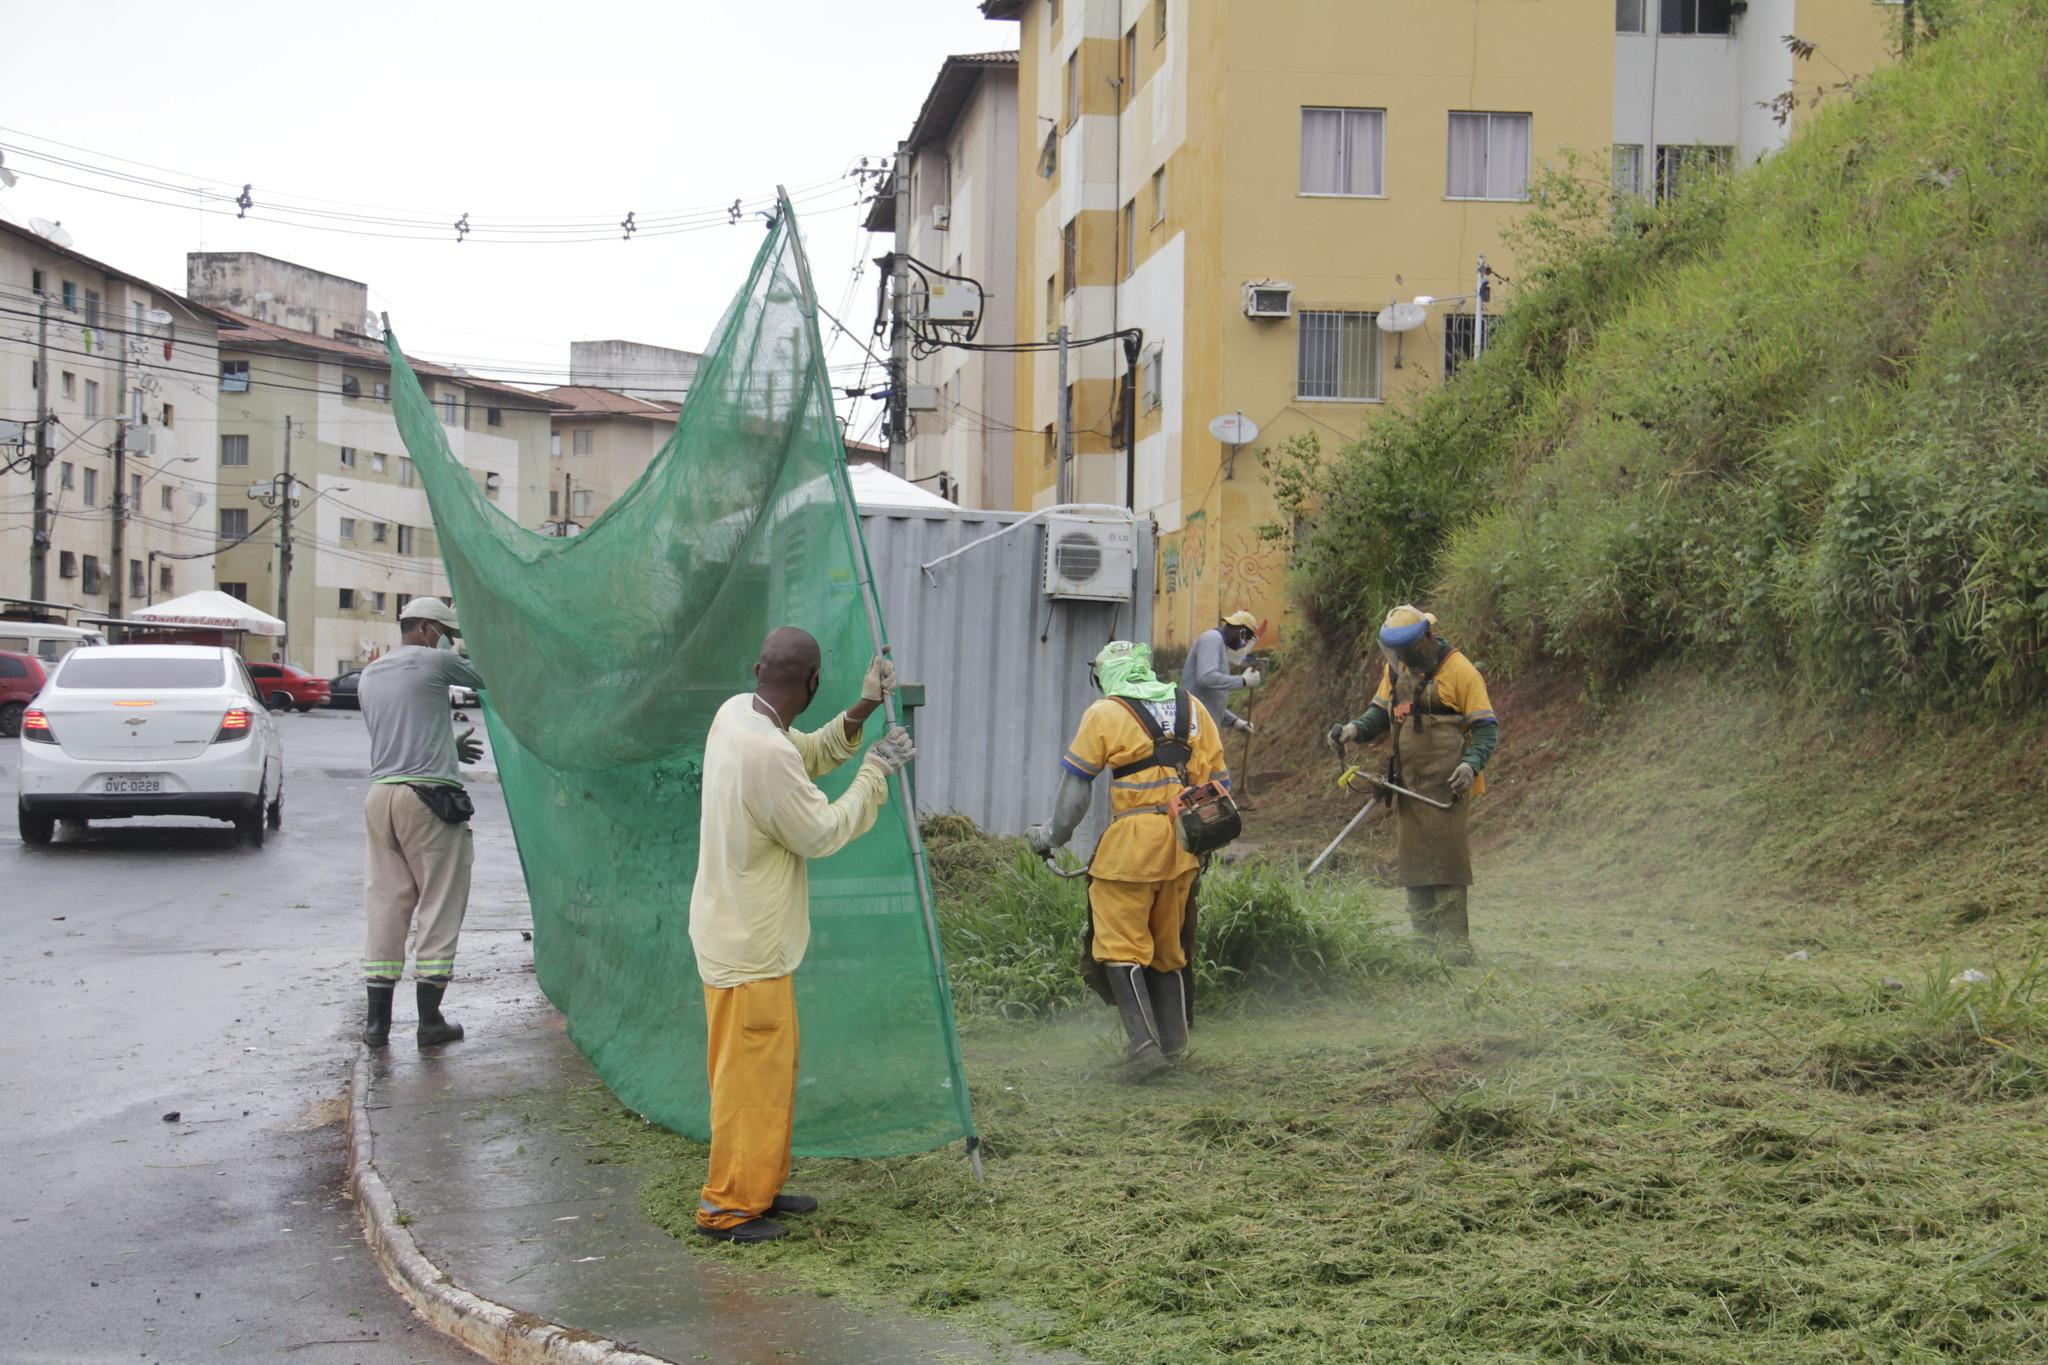 Equipes da SESP mantêm programação de limpeza, mesmo com redução do quadro de agentes pela pandemia